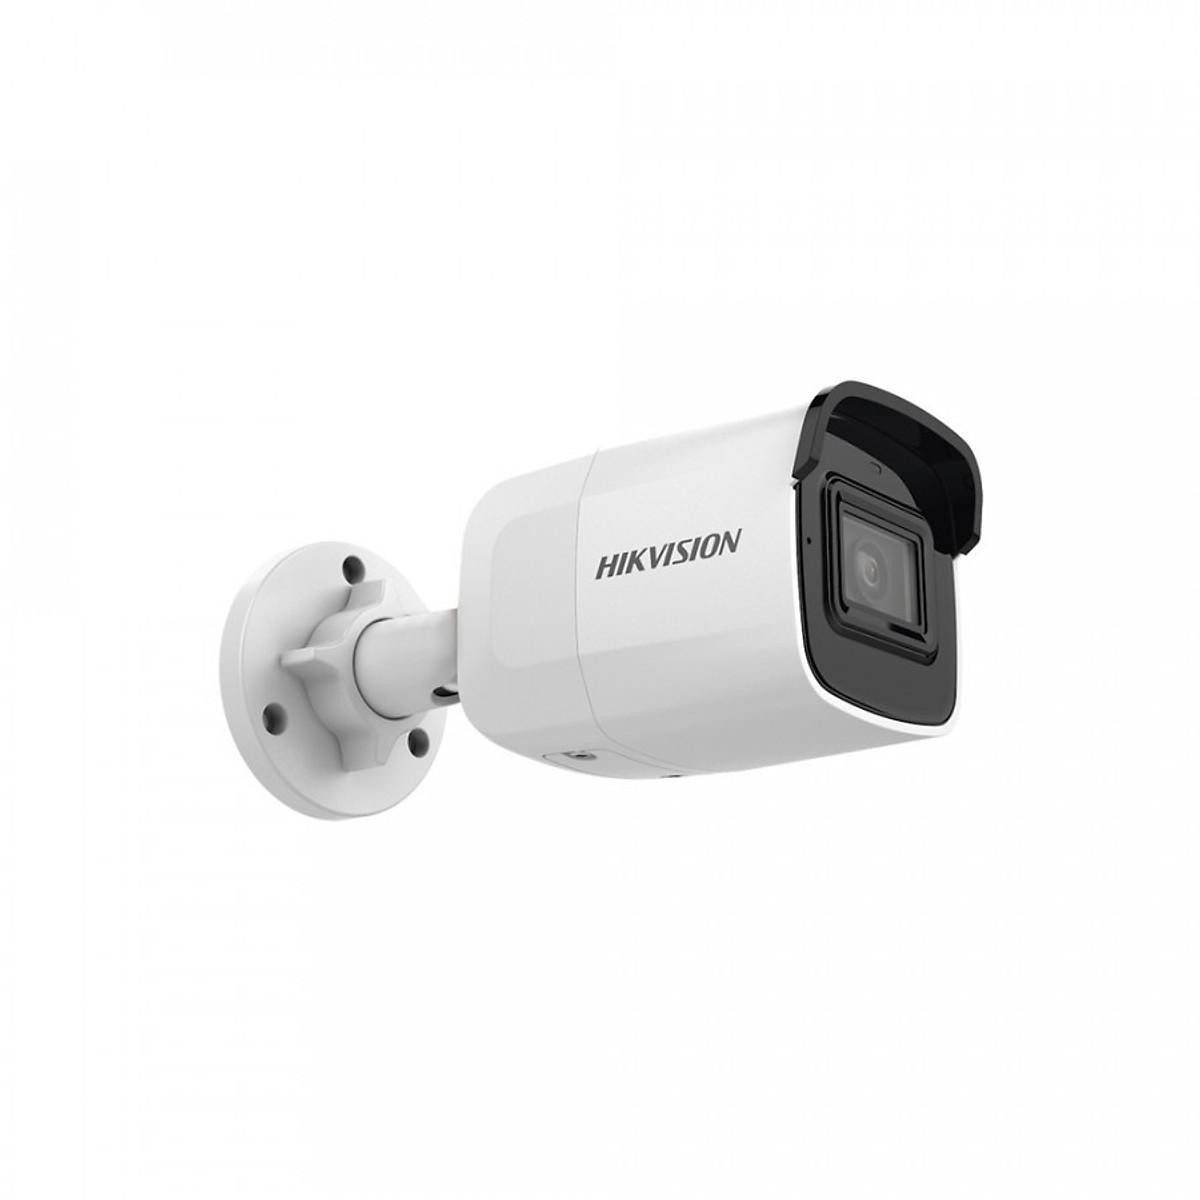 Camera Giám Sát An Ninh IP Wifi Không Dây Hồng Ngoại Nhìn Đêm – Hikvision DS-2CD2021G1-IW – Hàng chính hãng